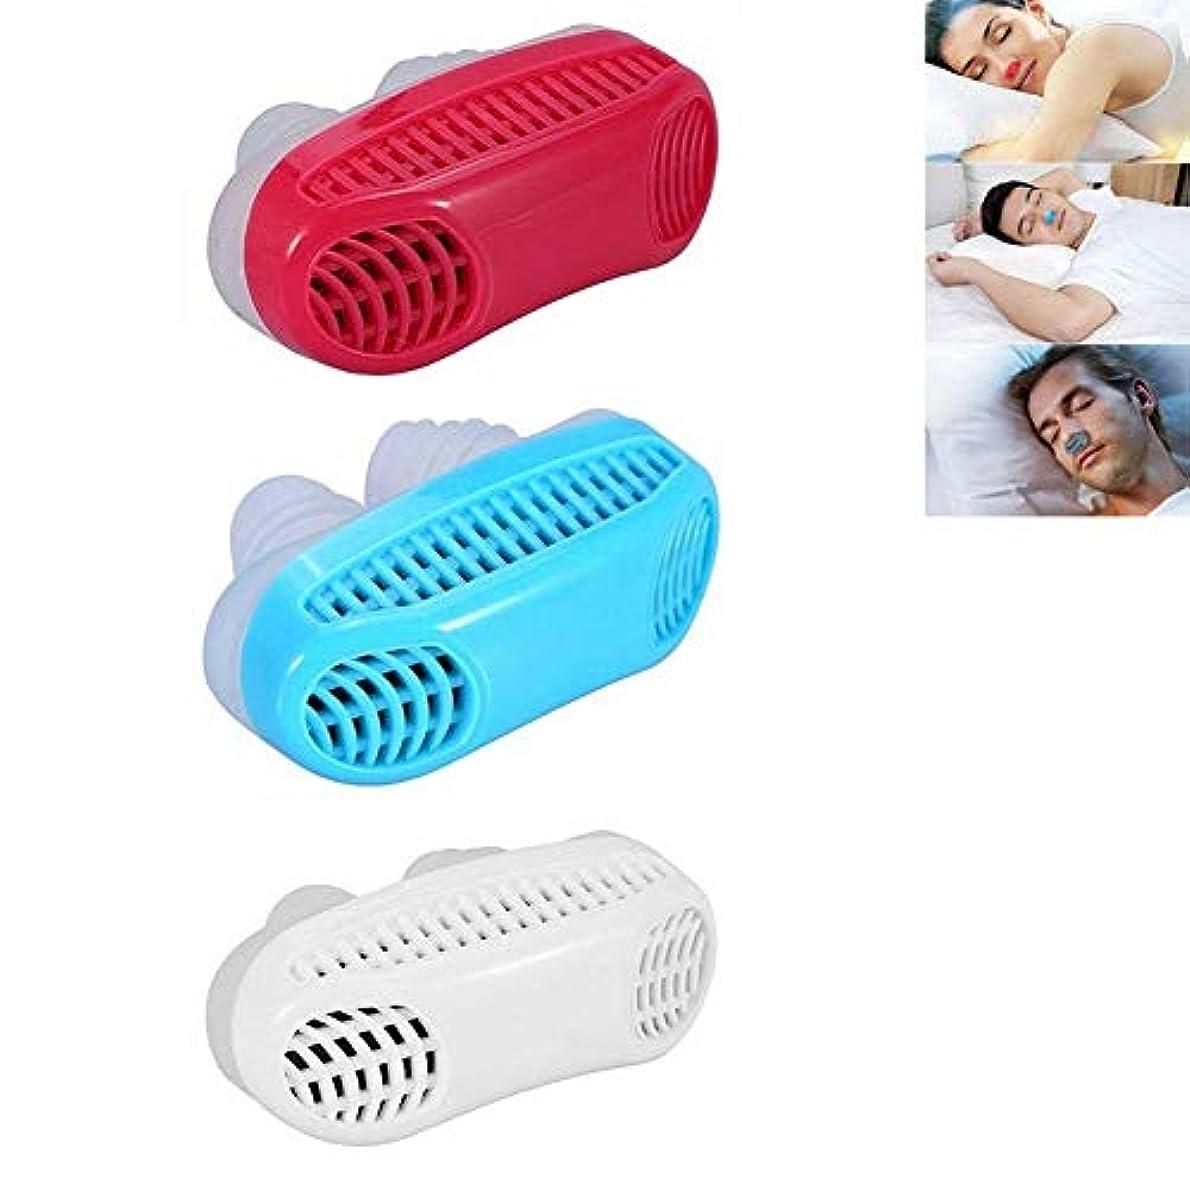 まあコンプリート直接3ピース安全ないびきエイズポータブルシリコーン抗いびき空気清浄機鼻いびきストップクリップ2-in-1健康睡眠ツール